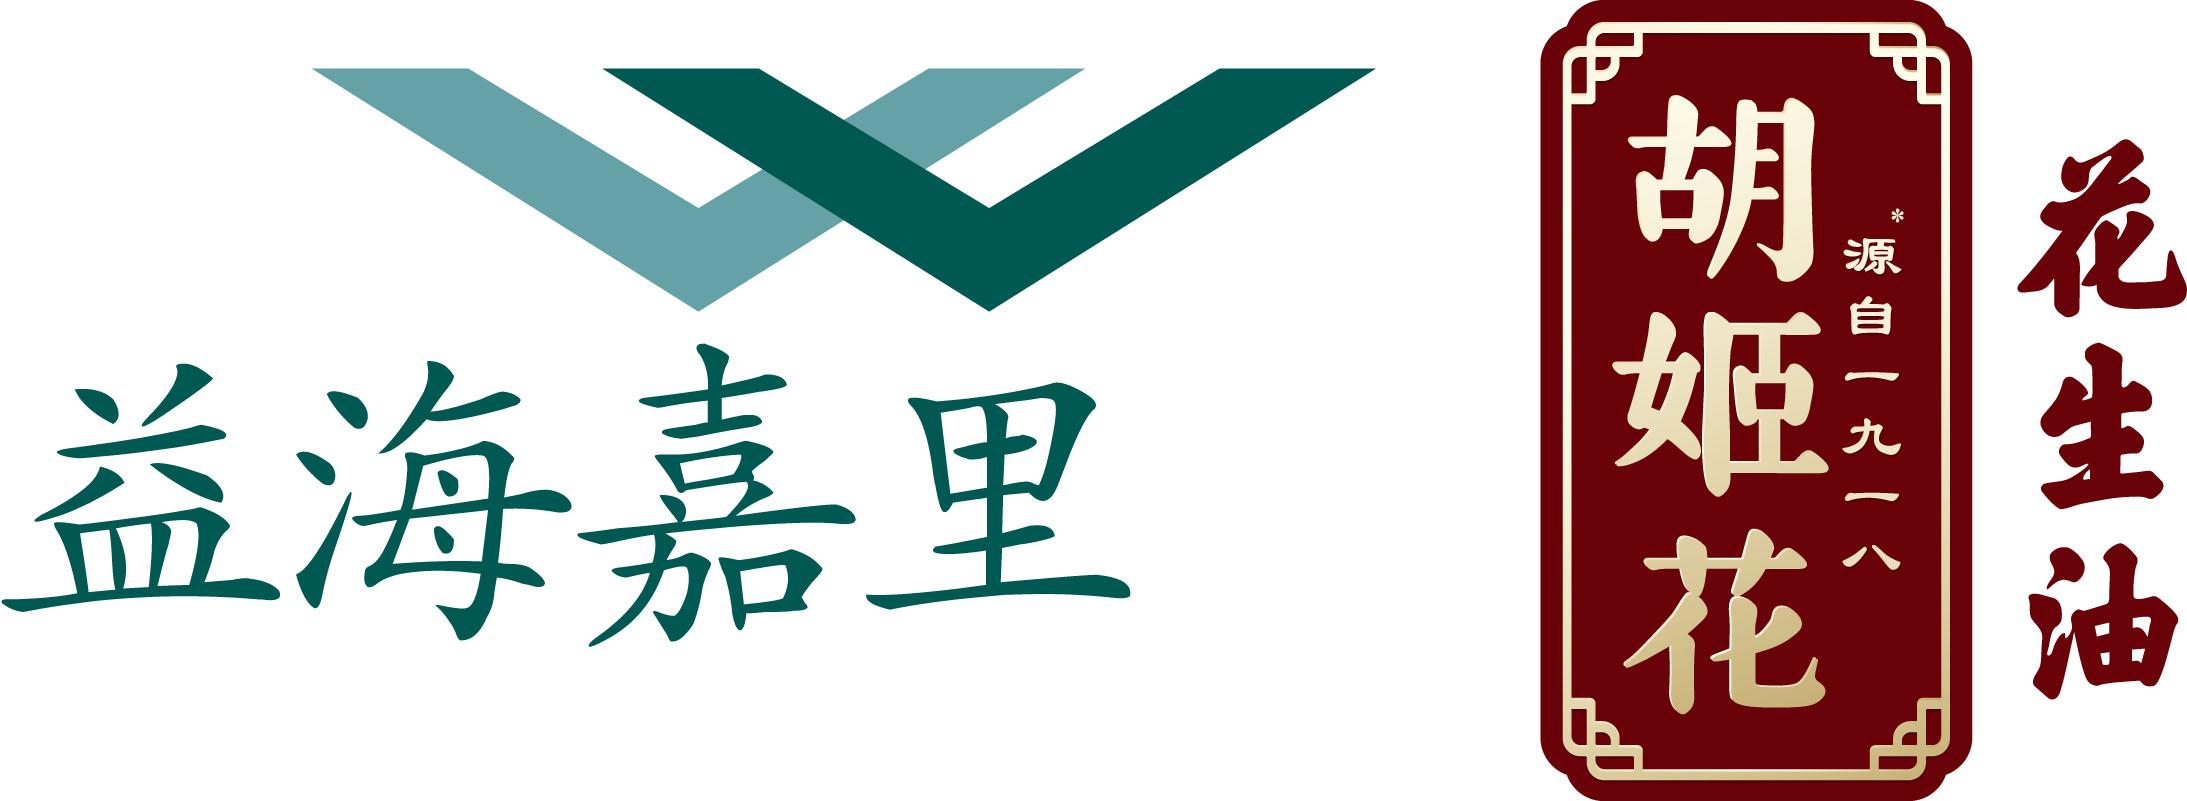 益海嘉里 与胡姬花 组合logo(1).jpg